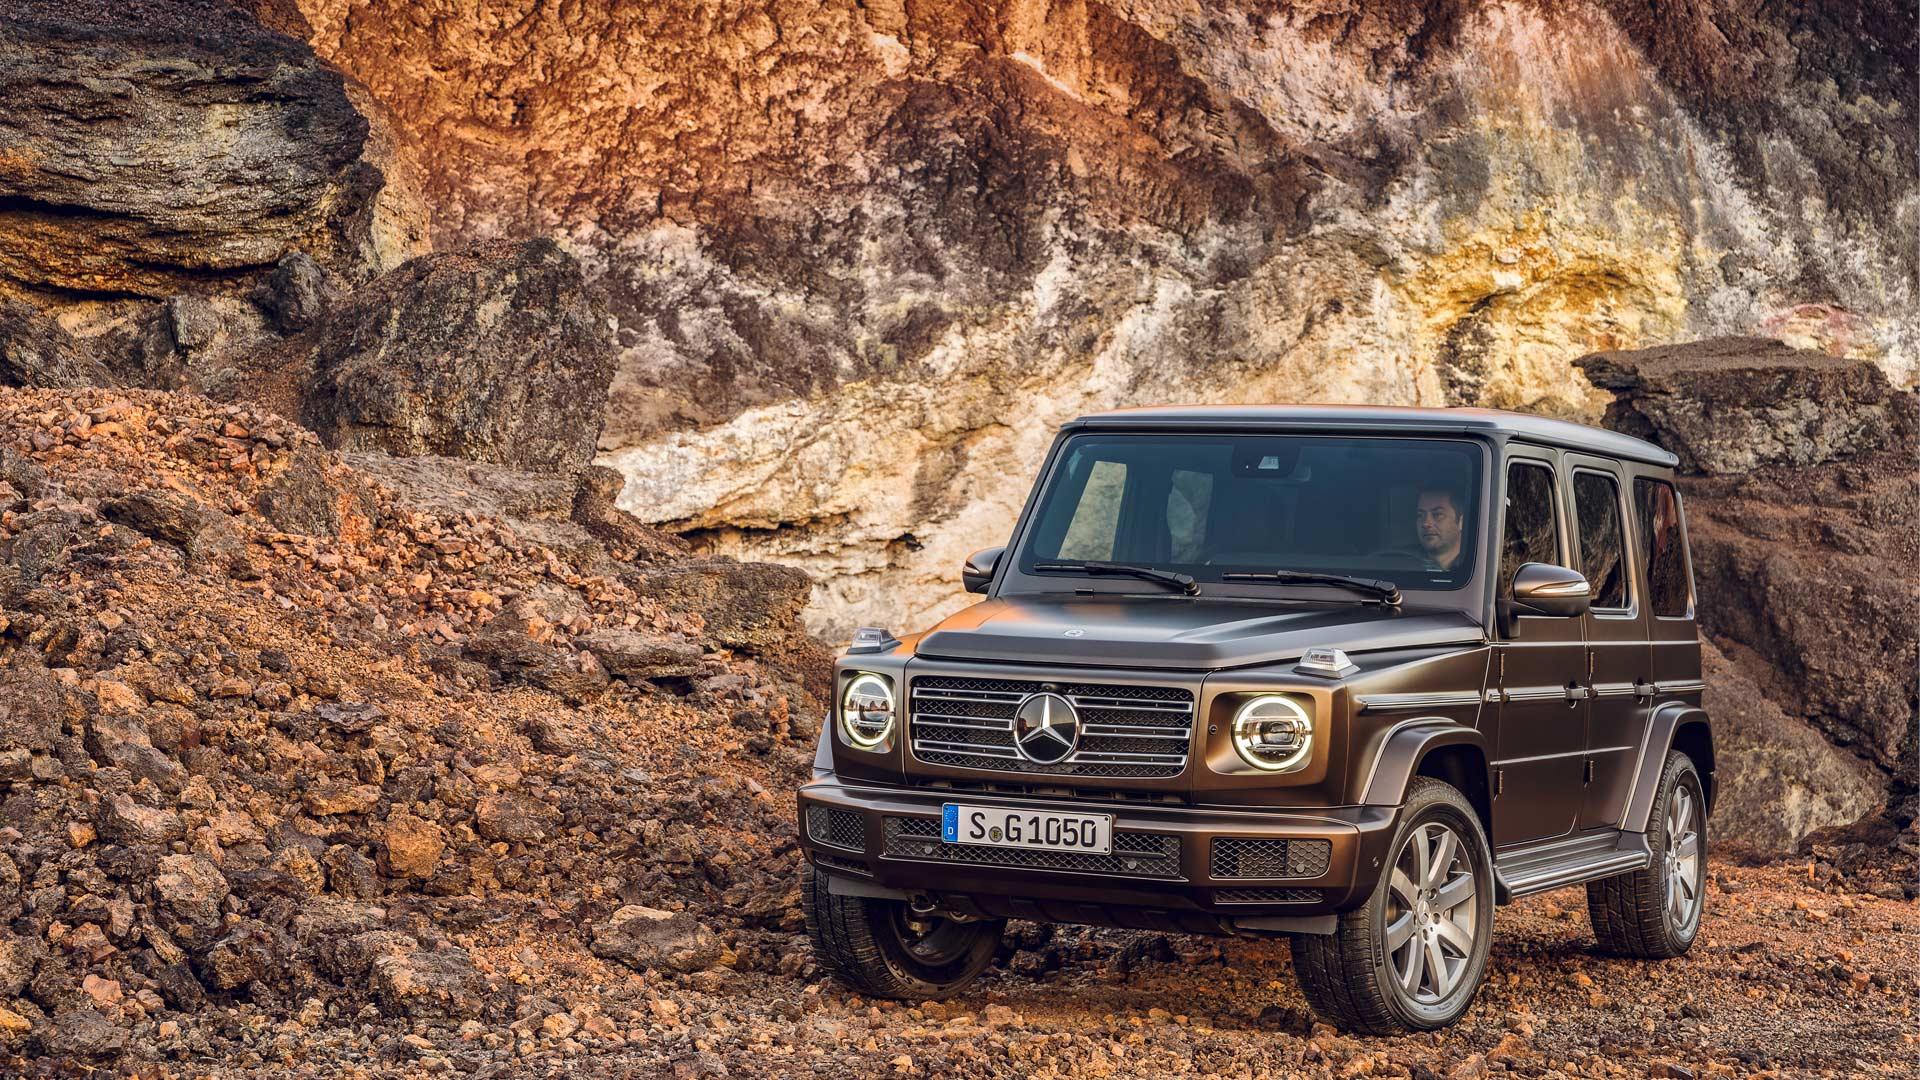 2018-Second-Generation-Mercedes-Benz-G-Class_2